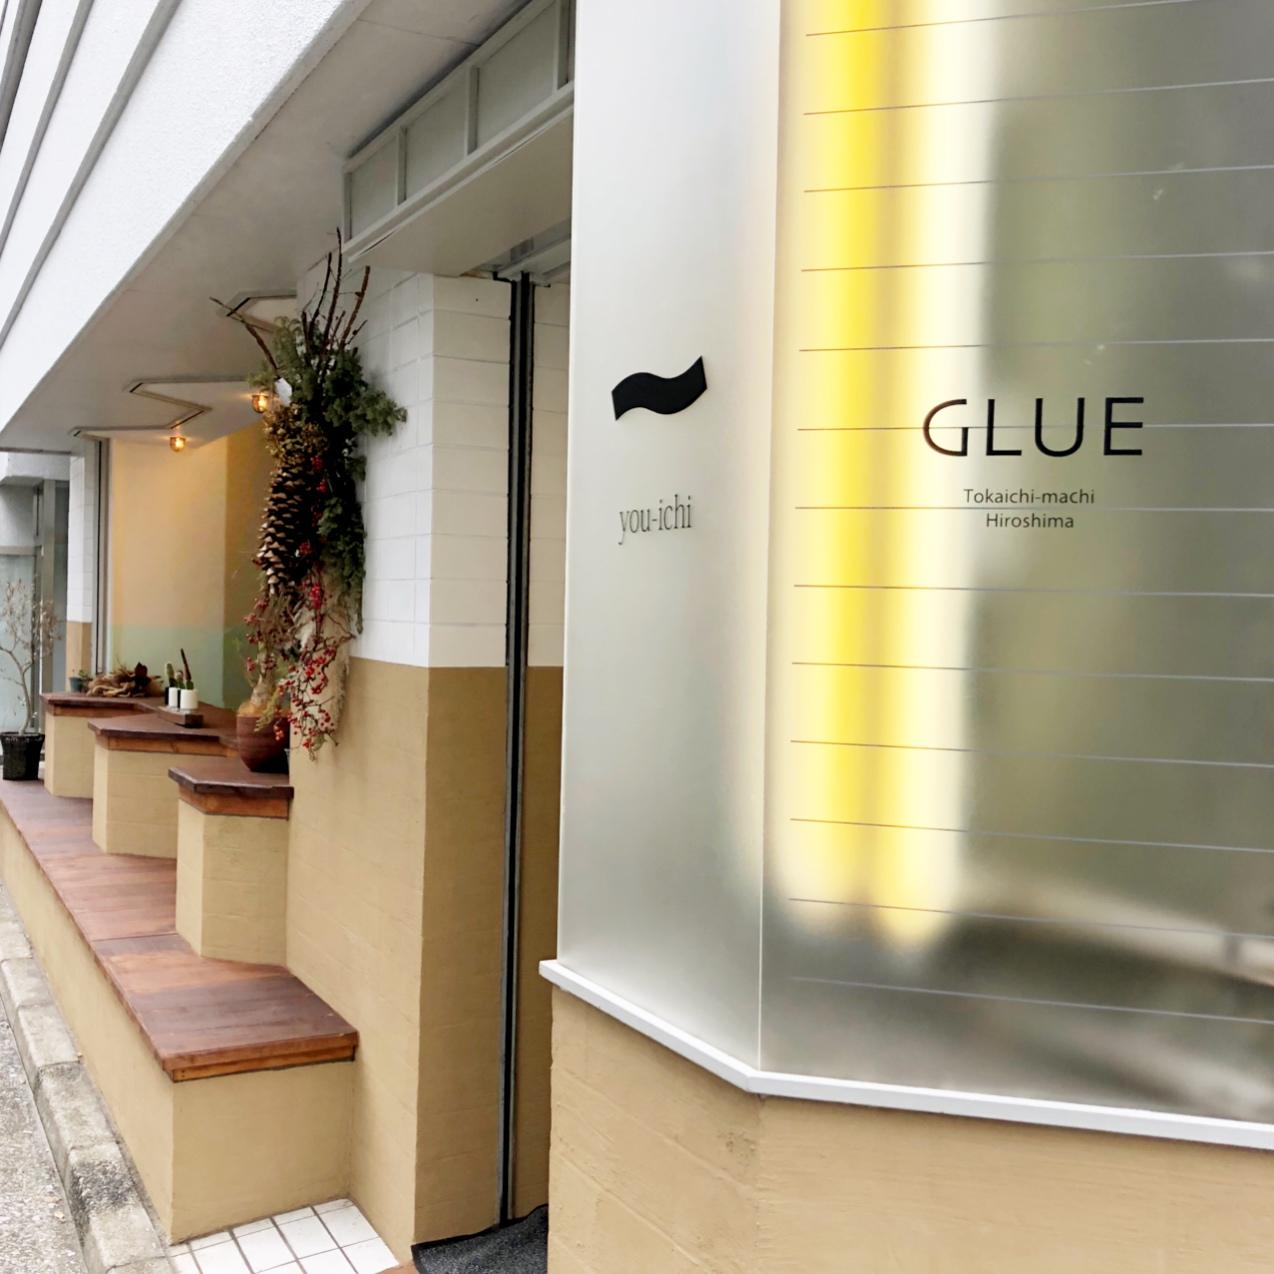 観光の休憩に立ち寄りたい!広島のおしゃれカフェ ♡『 you-ichi GLUE  』のおいしいジャムと焼き菓子♡ _1